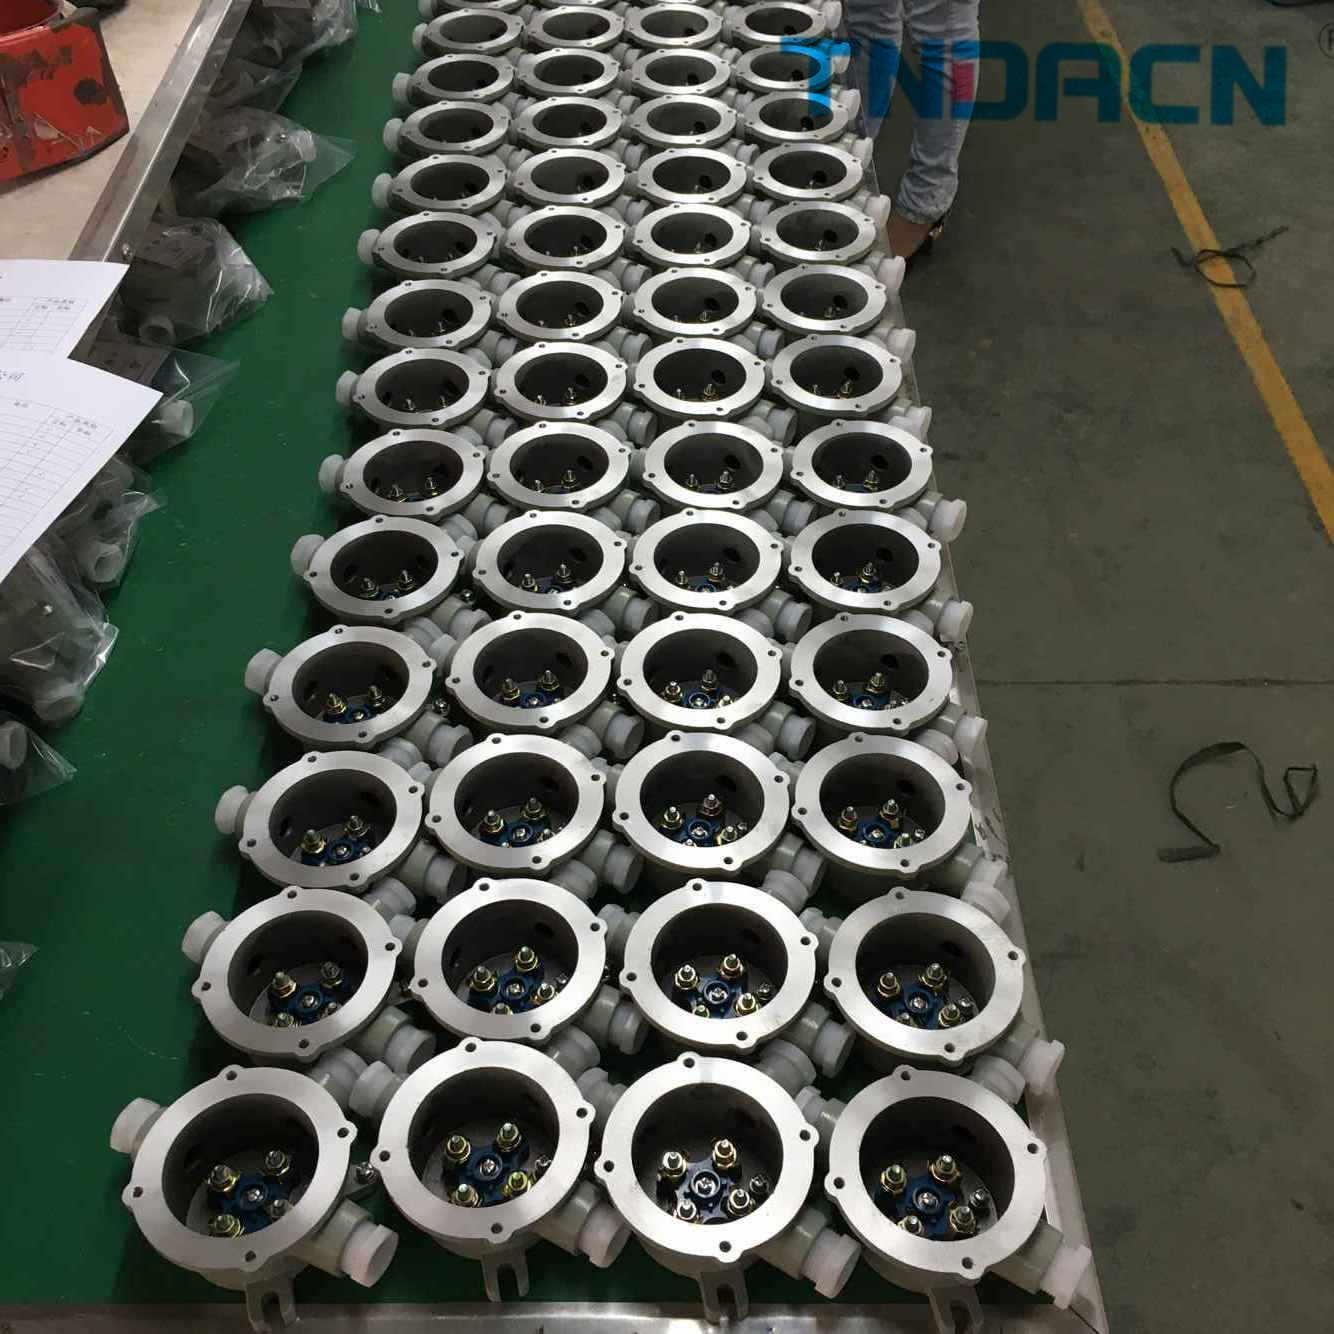 Tenda натуральный продукт Tdah-g3/4 Взрывозащищенная распределительная коробка t-разъем 6 точек распределительная коробка DN20 Взрывозащищенная коробка Большой